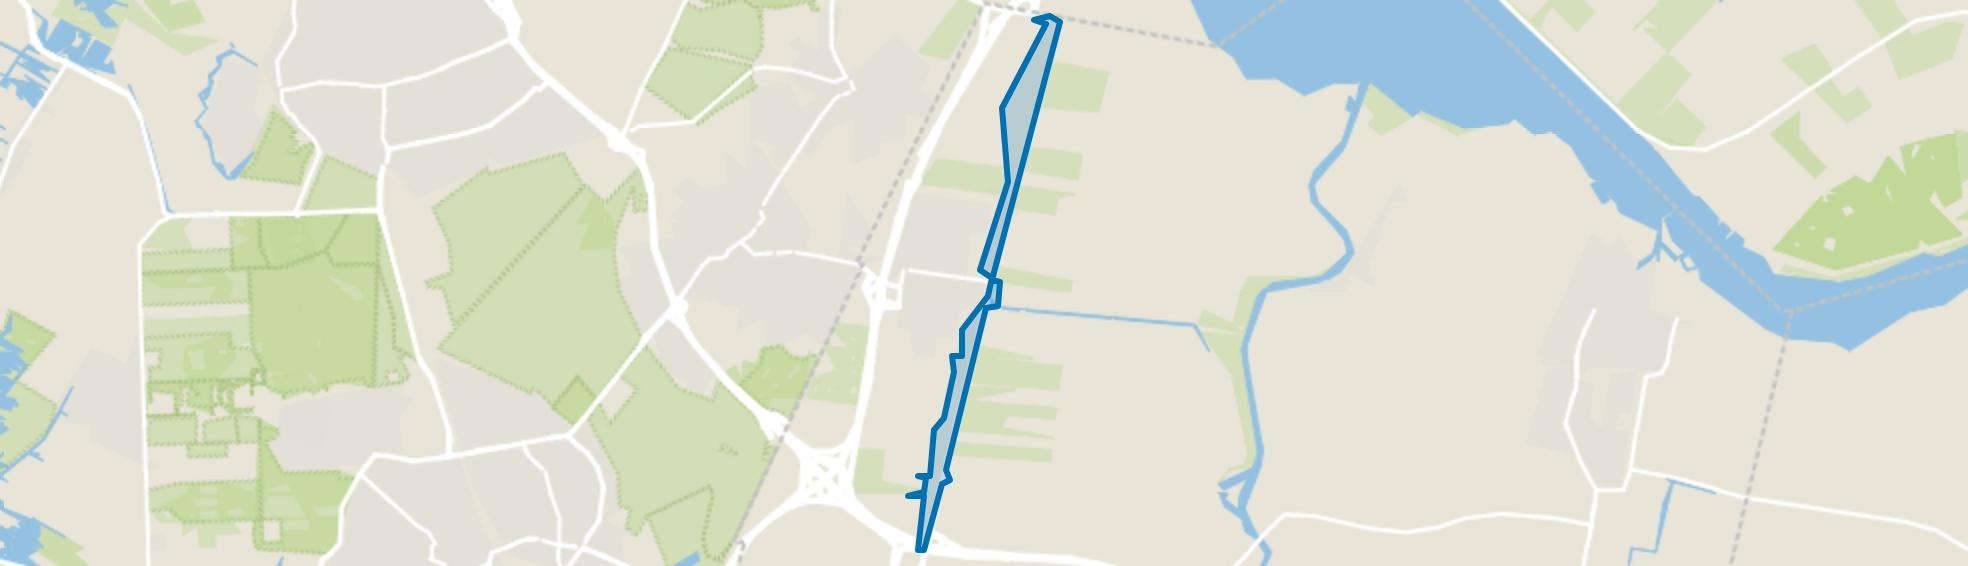 Wakkerendijk-Meentweg, Eemnes map